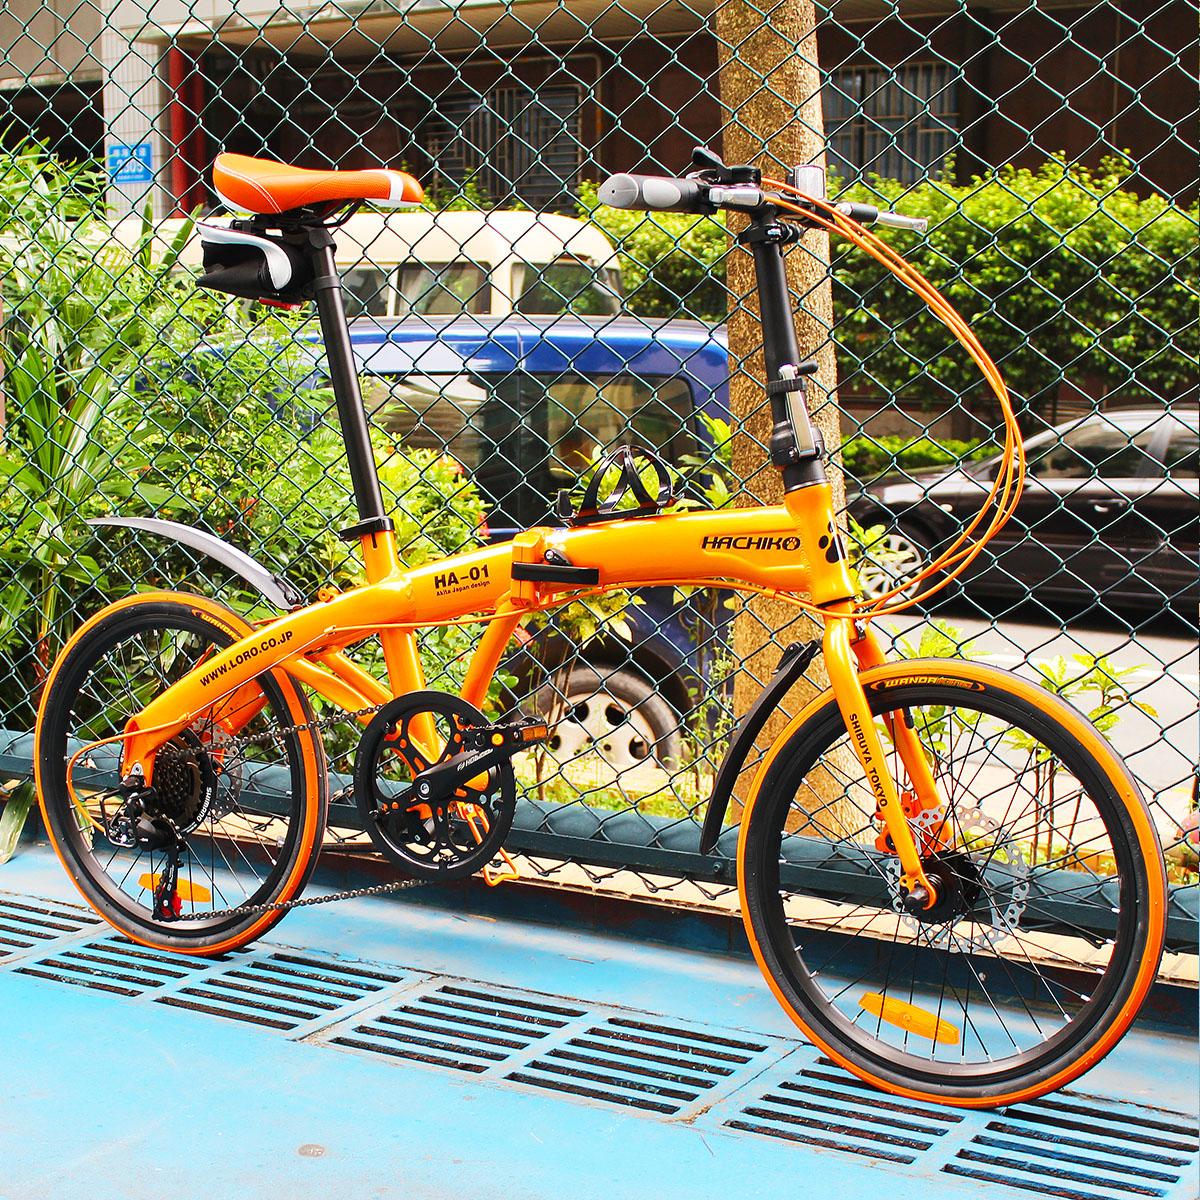 送料税込み!ハチコ HACHIKO 20インチ ジュラルミン 折り畳み自転車 SHIMANOシマノ7段 変速[98%完成品] 泥よけ付きプレゼントがあり!オレンジ(HA01_Orange)